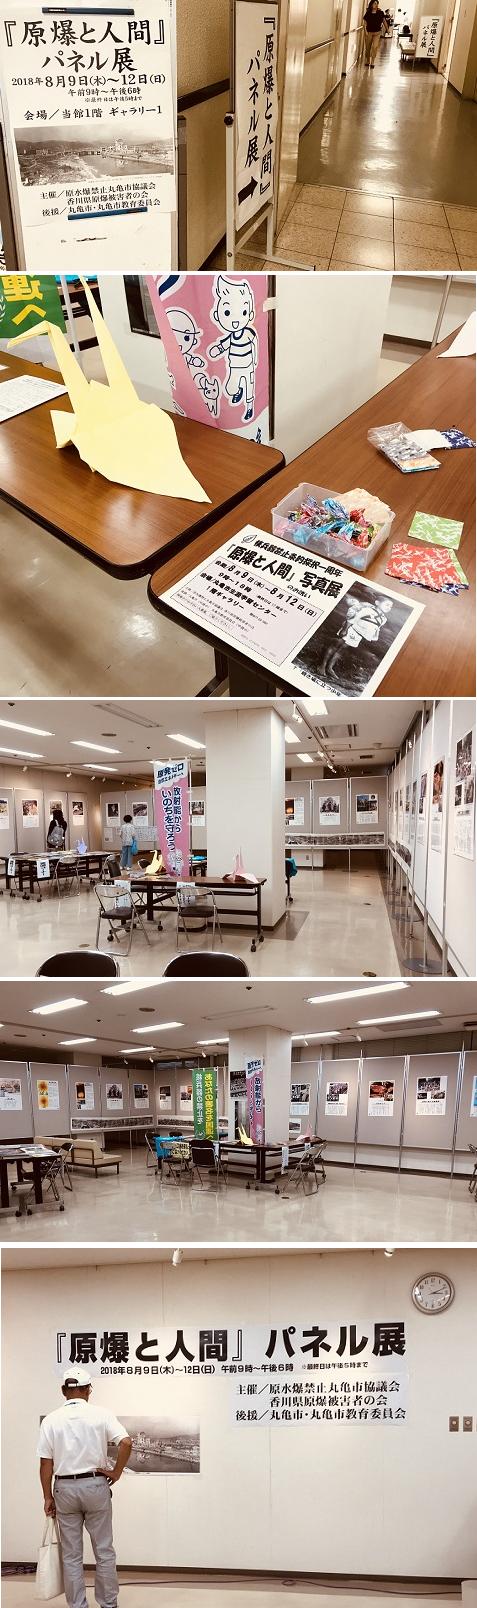 20180810パネル展